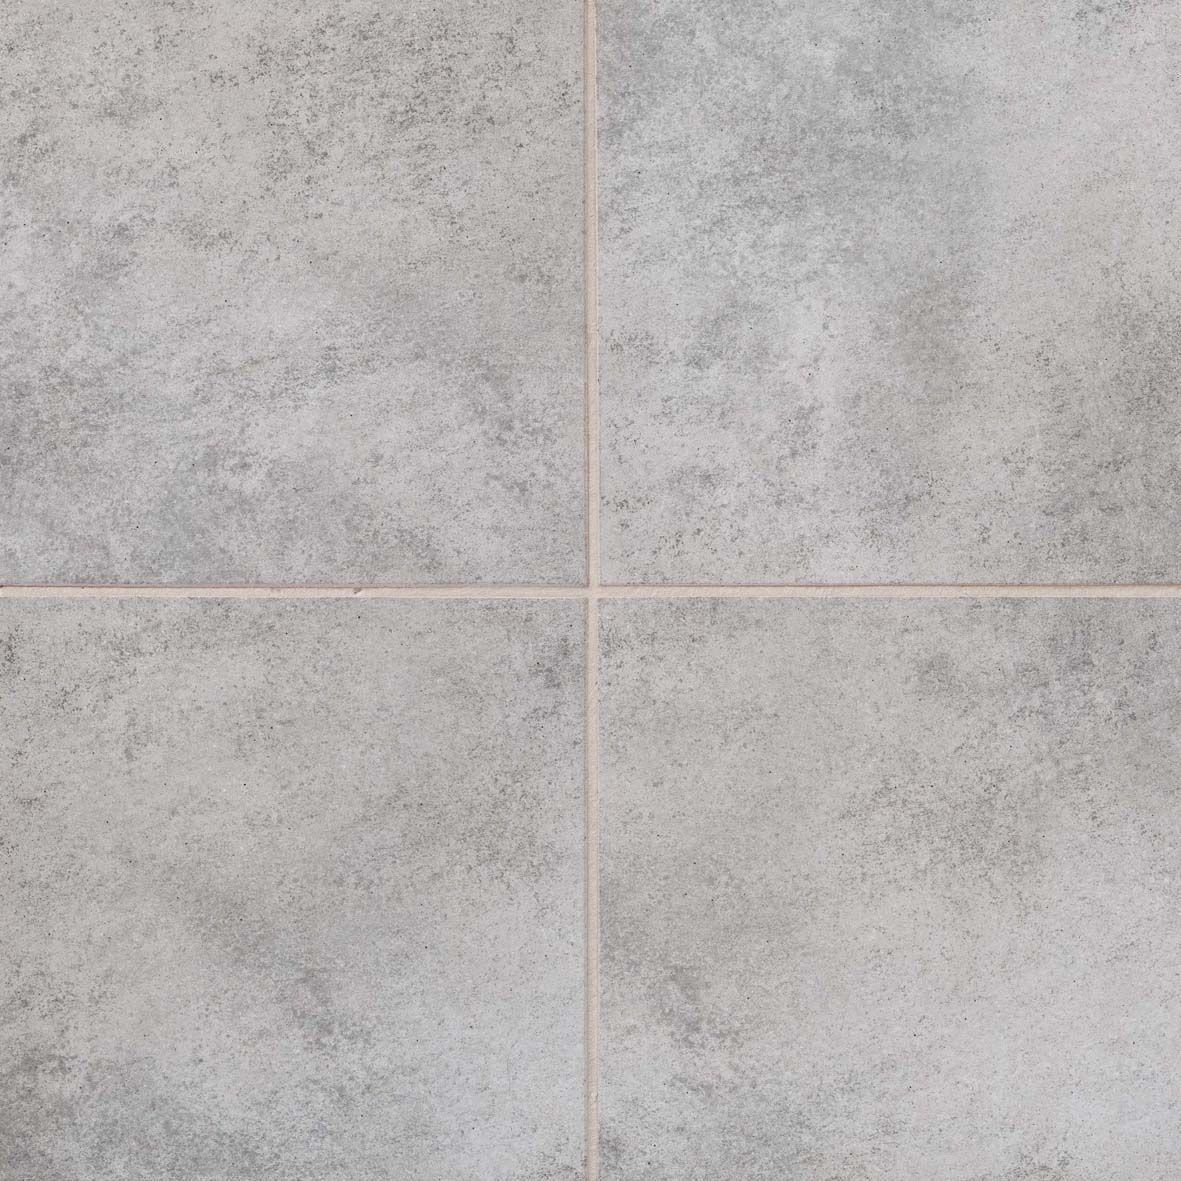 Tile Tile Download Free Texture Tile Background Texture Tile Picture Tiles Texture Material Textures Texture